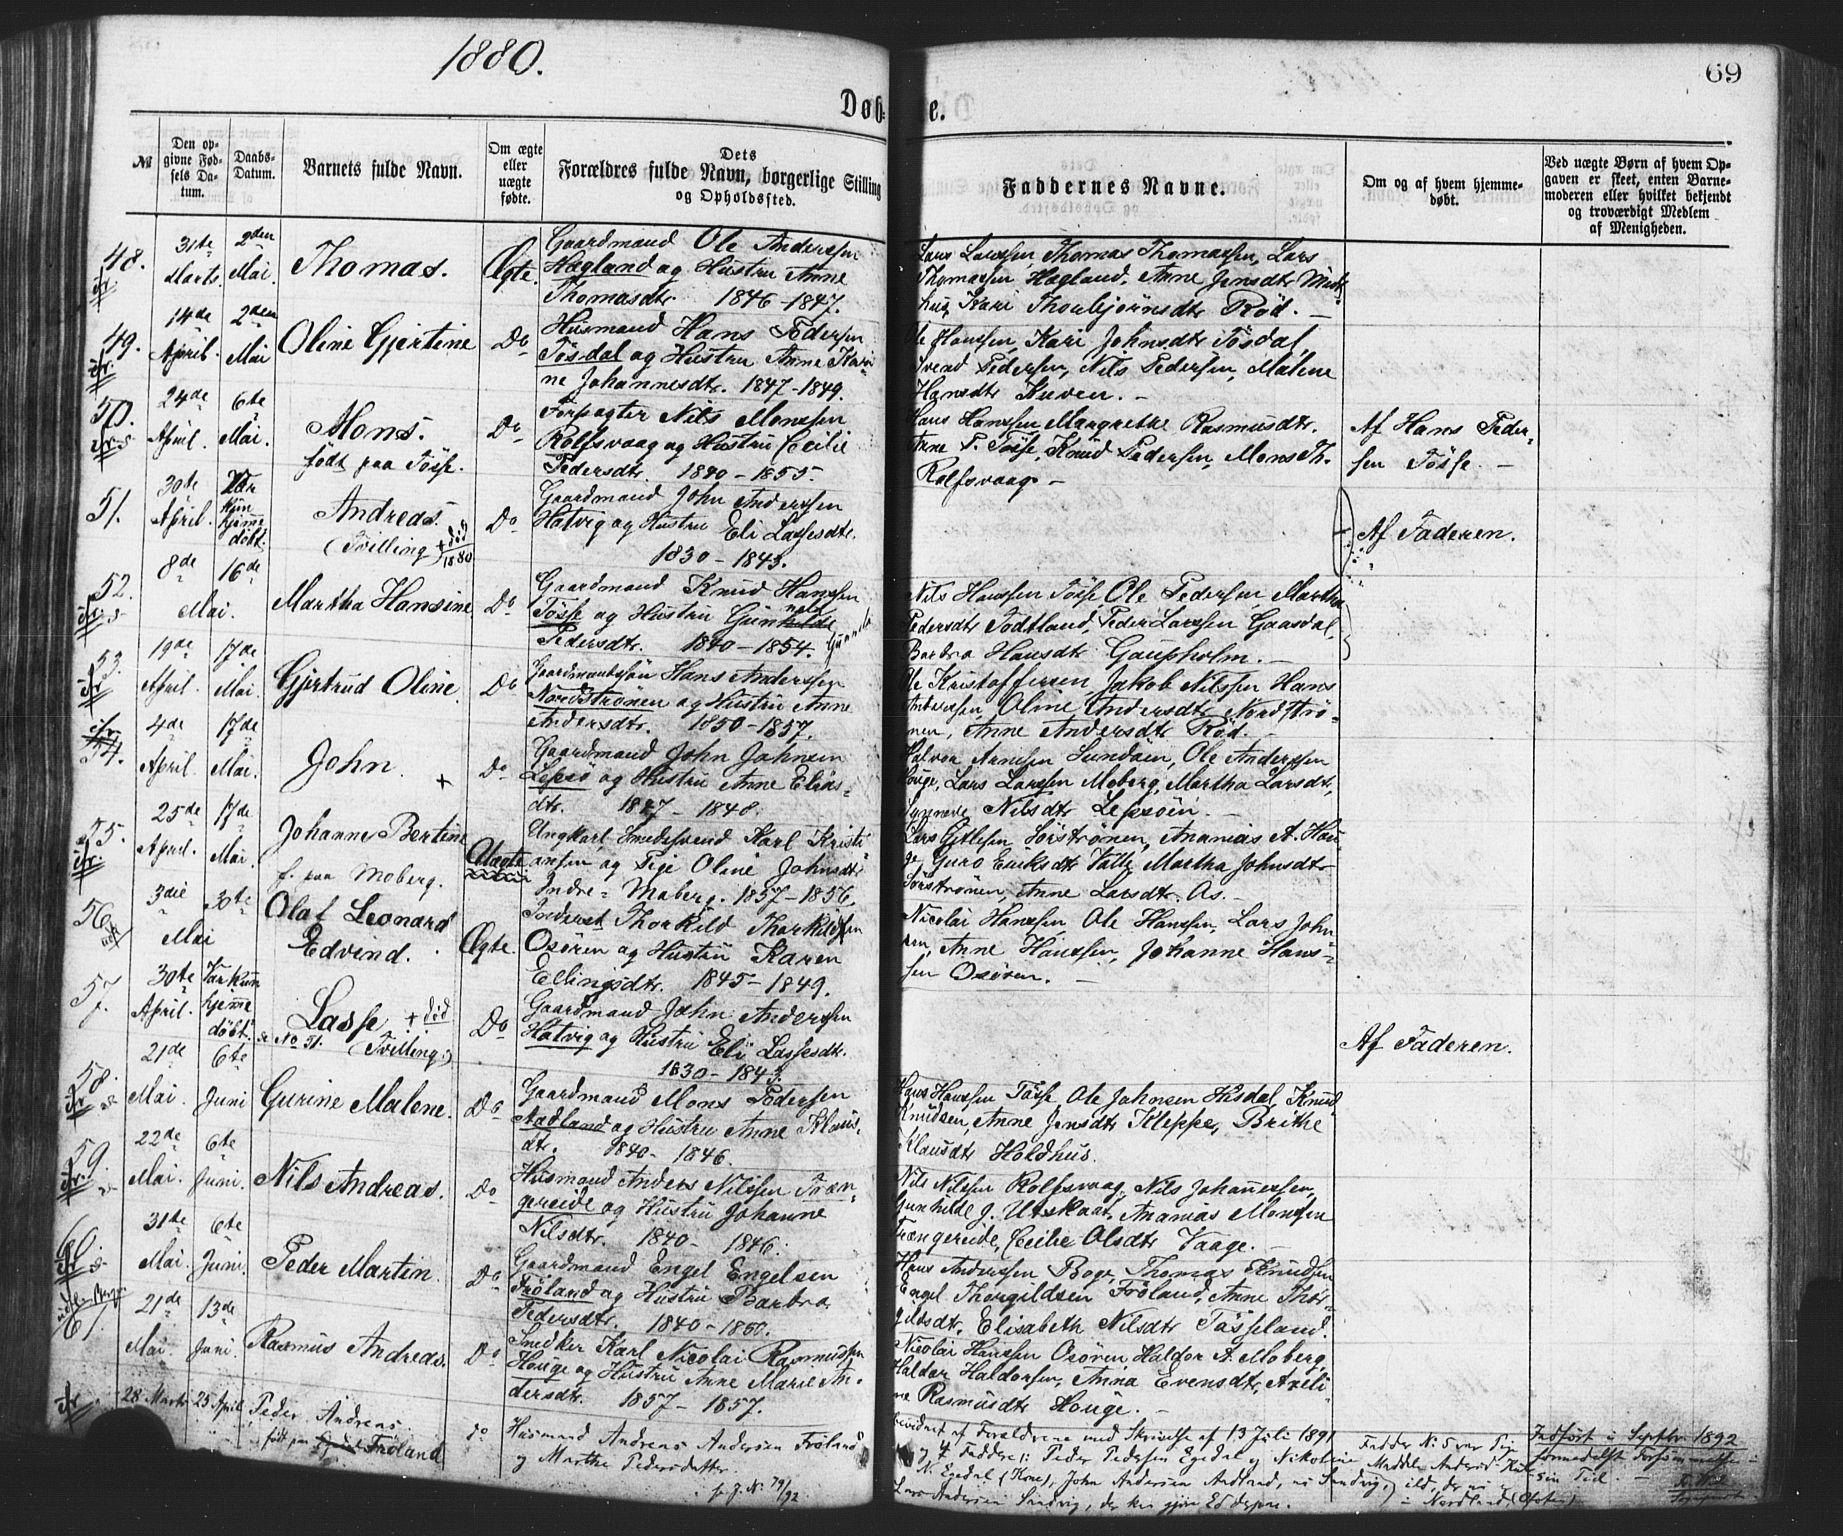 Fødte og døpte 1880, side 69.